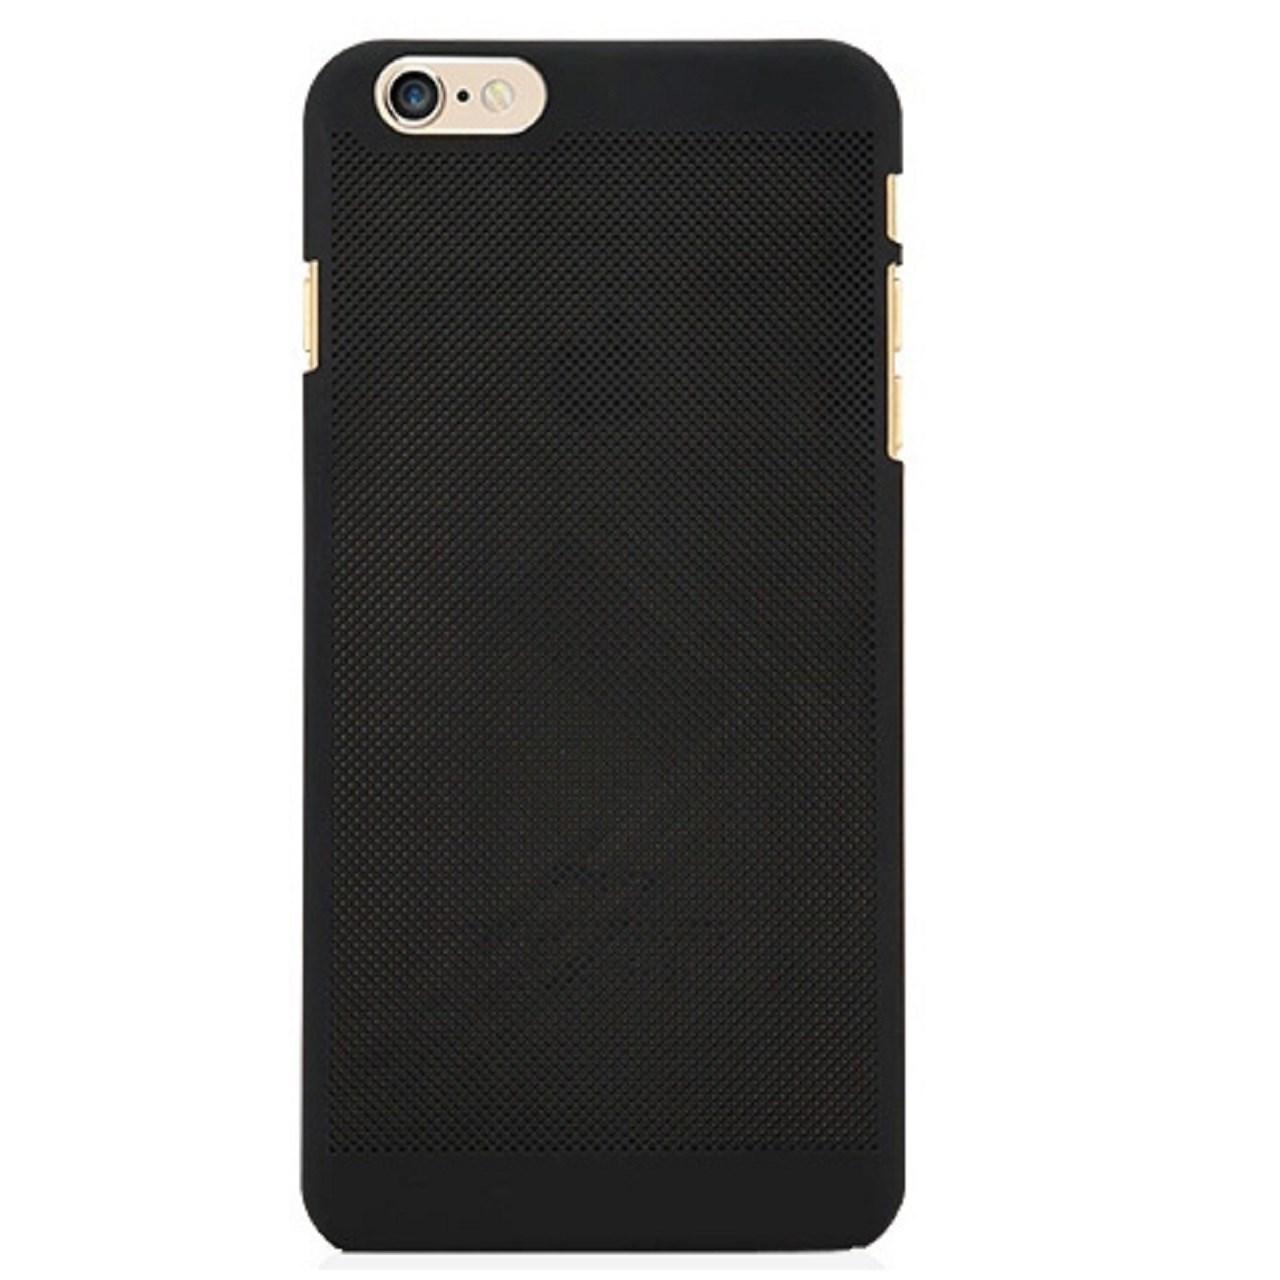 کاور گوشی کوتتسی مدل co مناسب برای گوشی موبایل آیفون 6/6s